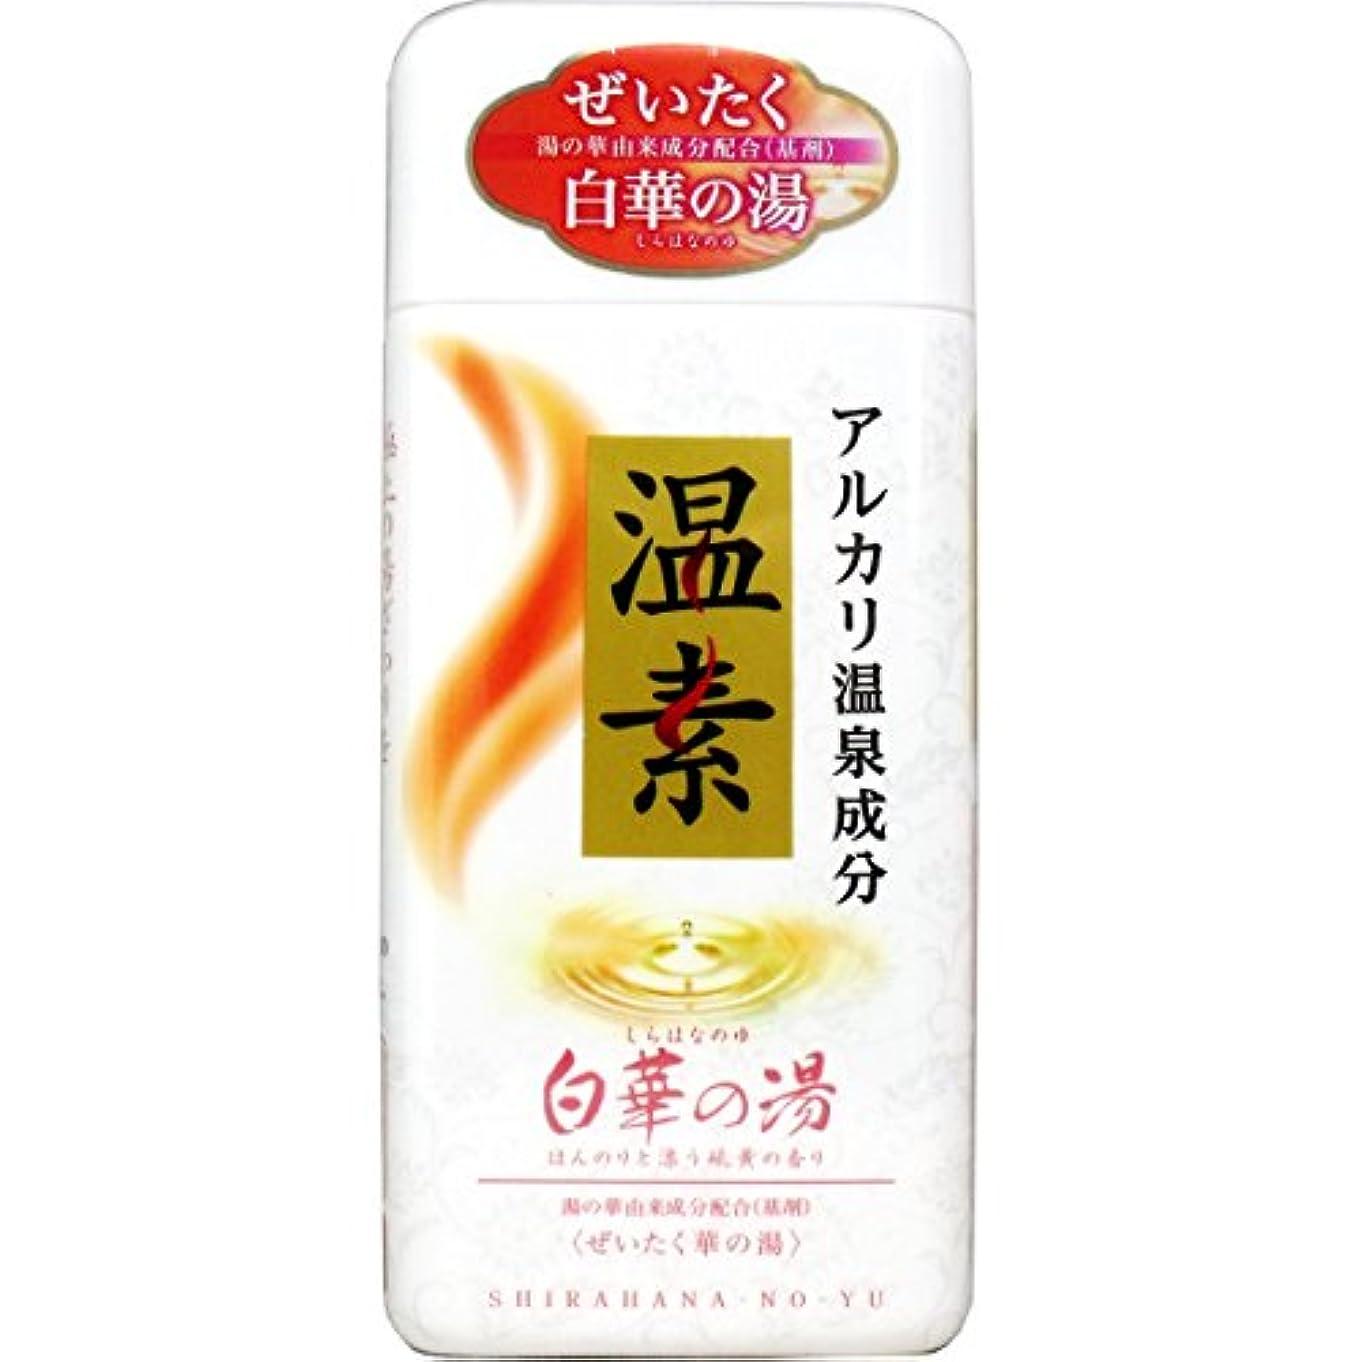 アッパー正午燃料入浴剤 ぜいたく華の湯 リラックス用品 アルカリ温泉成分 温素 入浴剤 白華の湯 硫黄の香り 600g入【2個セット】